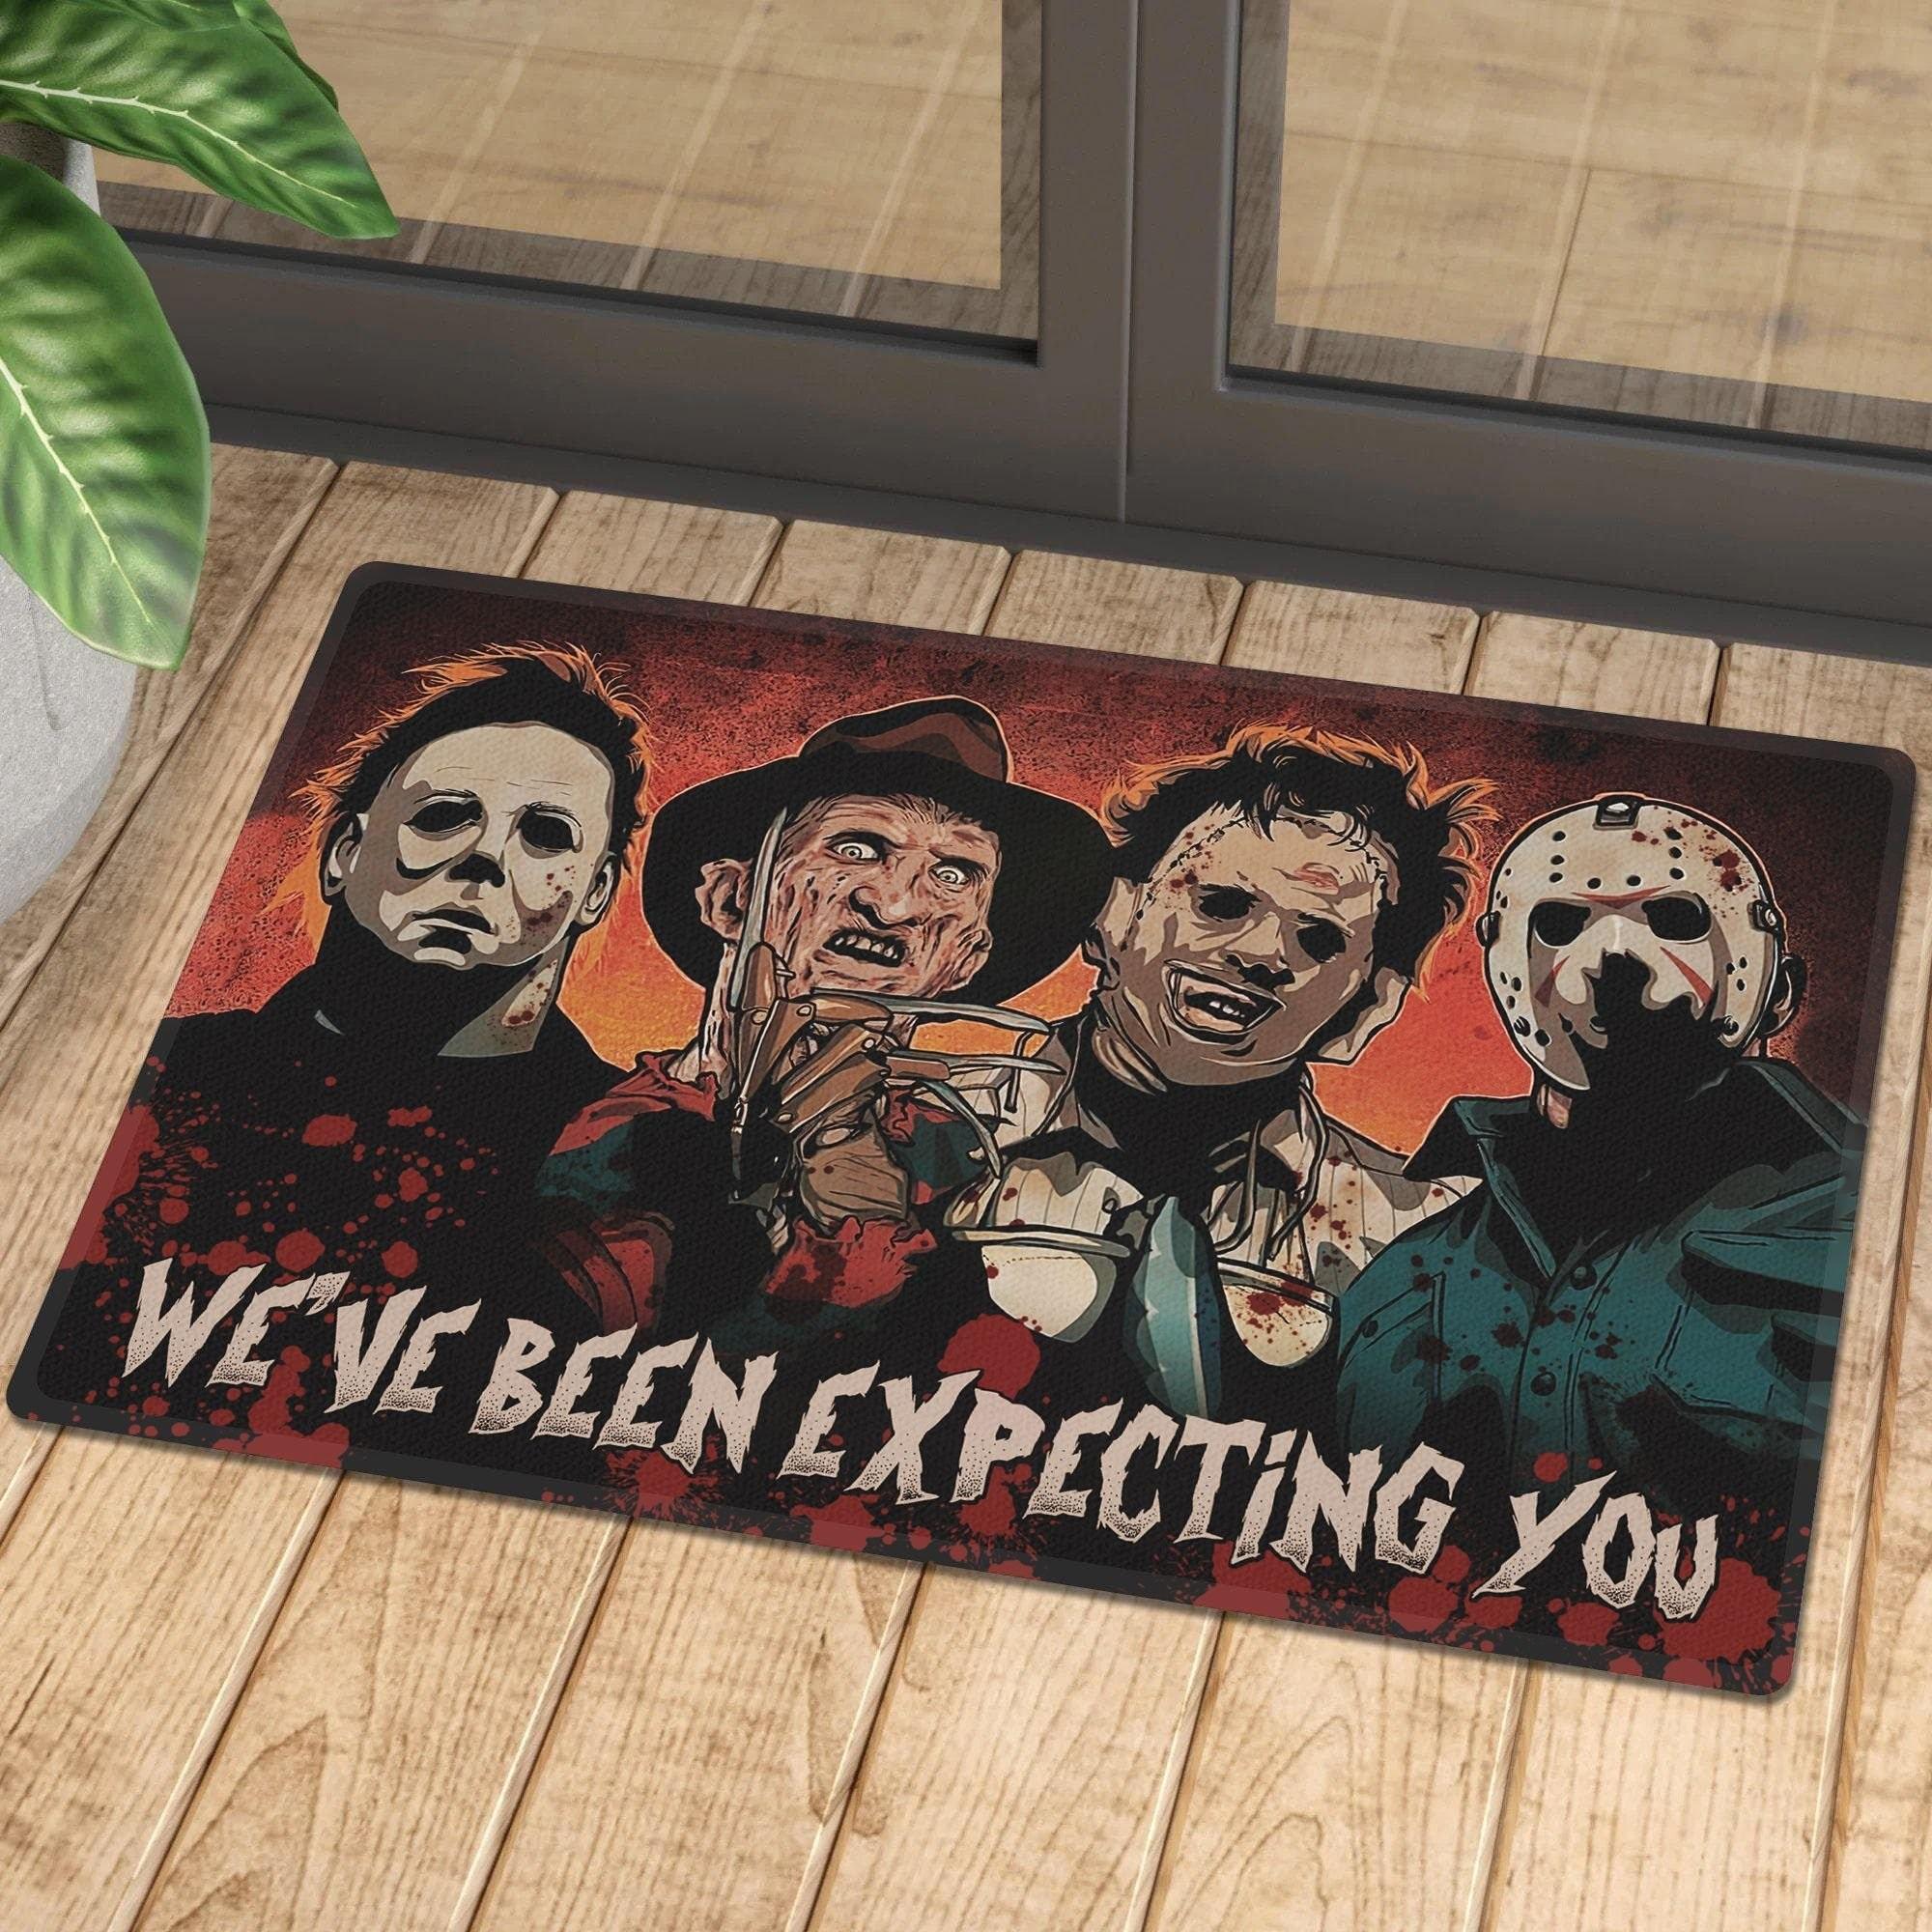 Horror killers We've been expecting you doormat - Picture 1